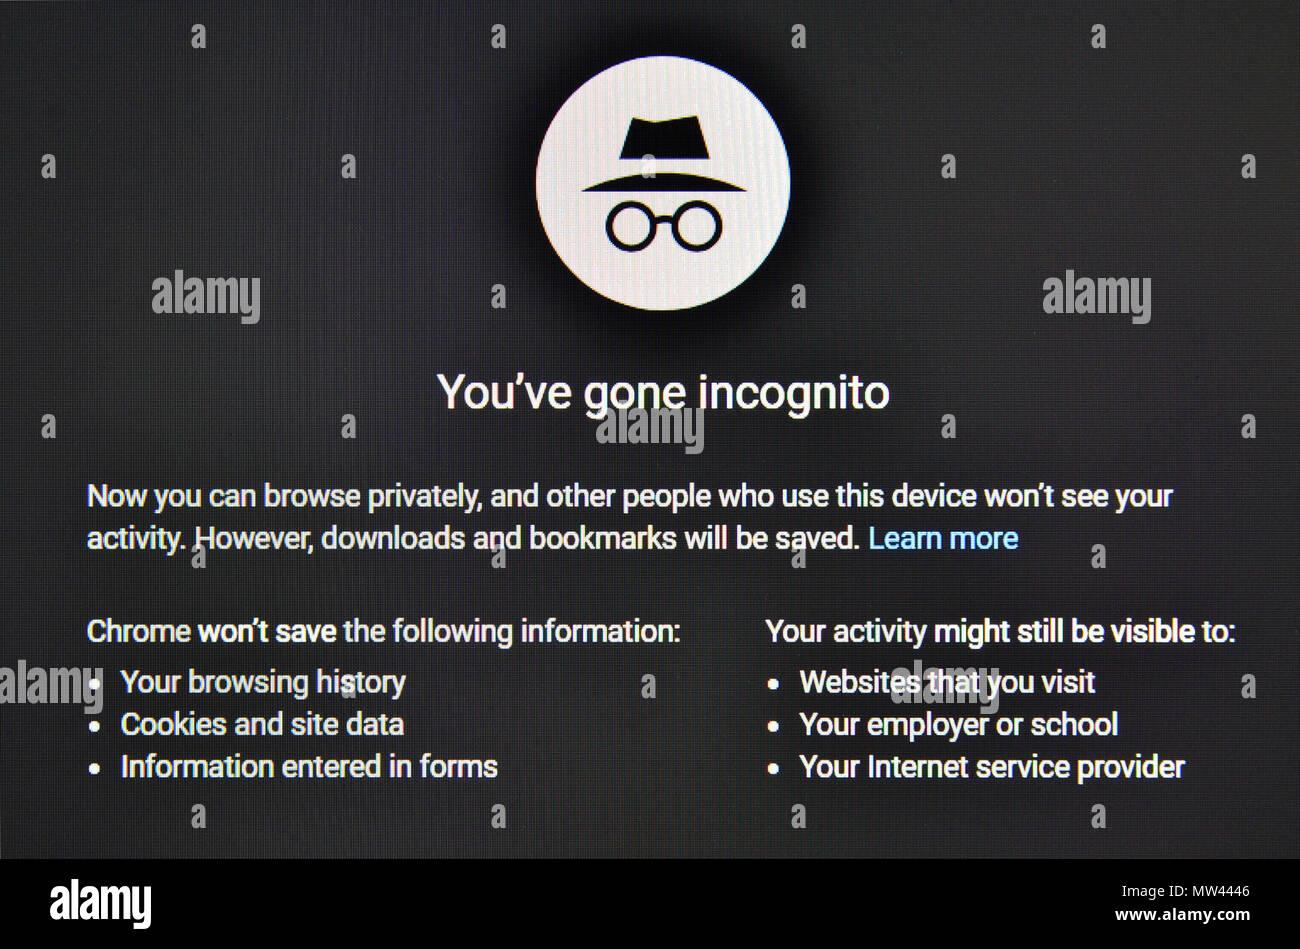 Google Chrome Incognito page de moteur de recherche, permettant la navigation anonyme sur internet sans être retracé Photo Stock